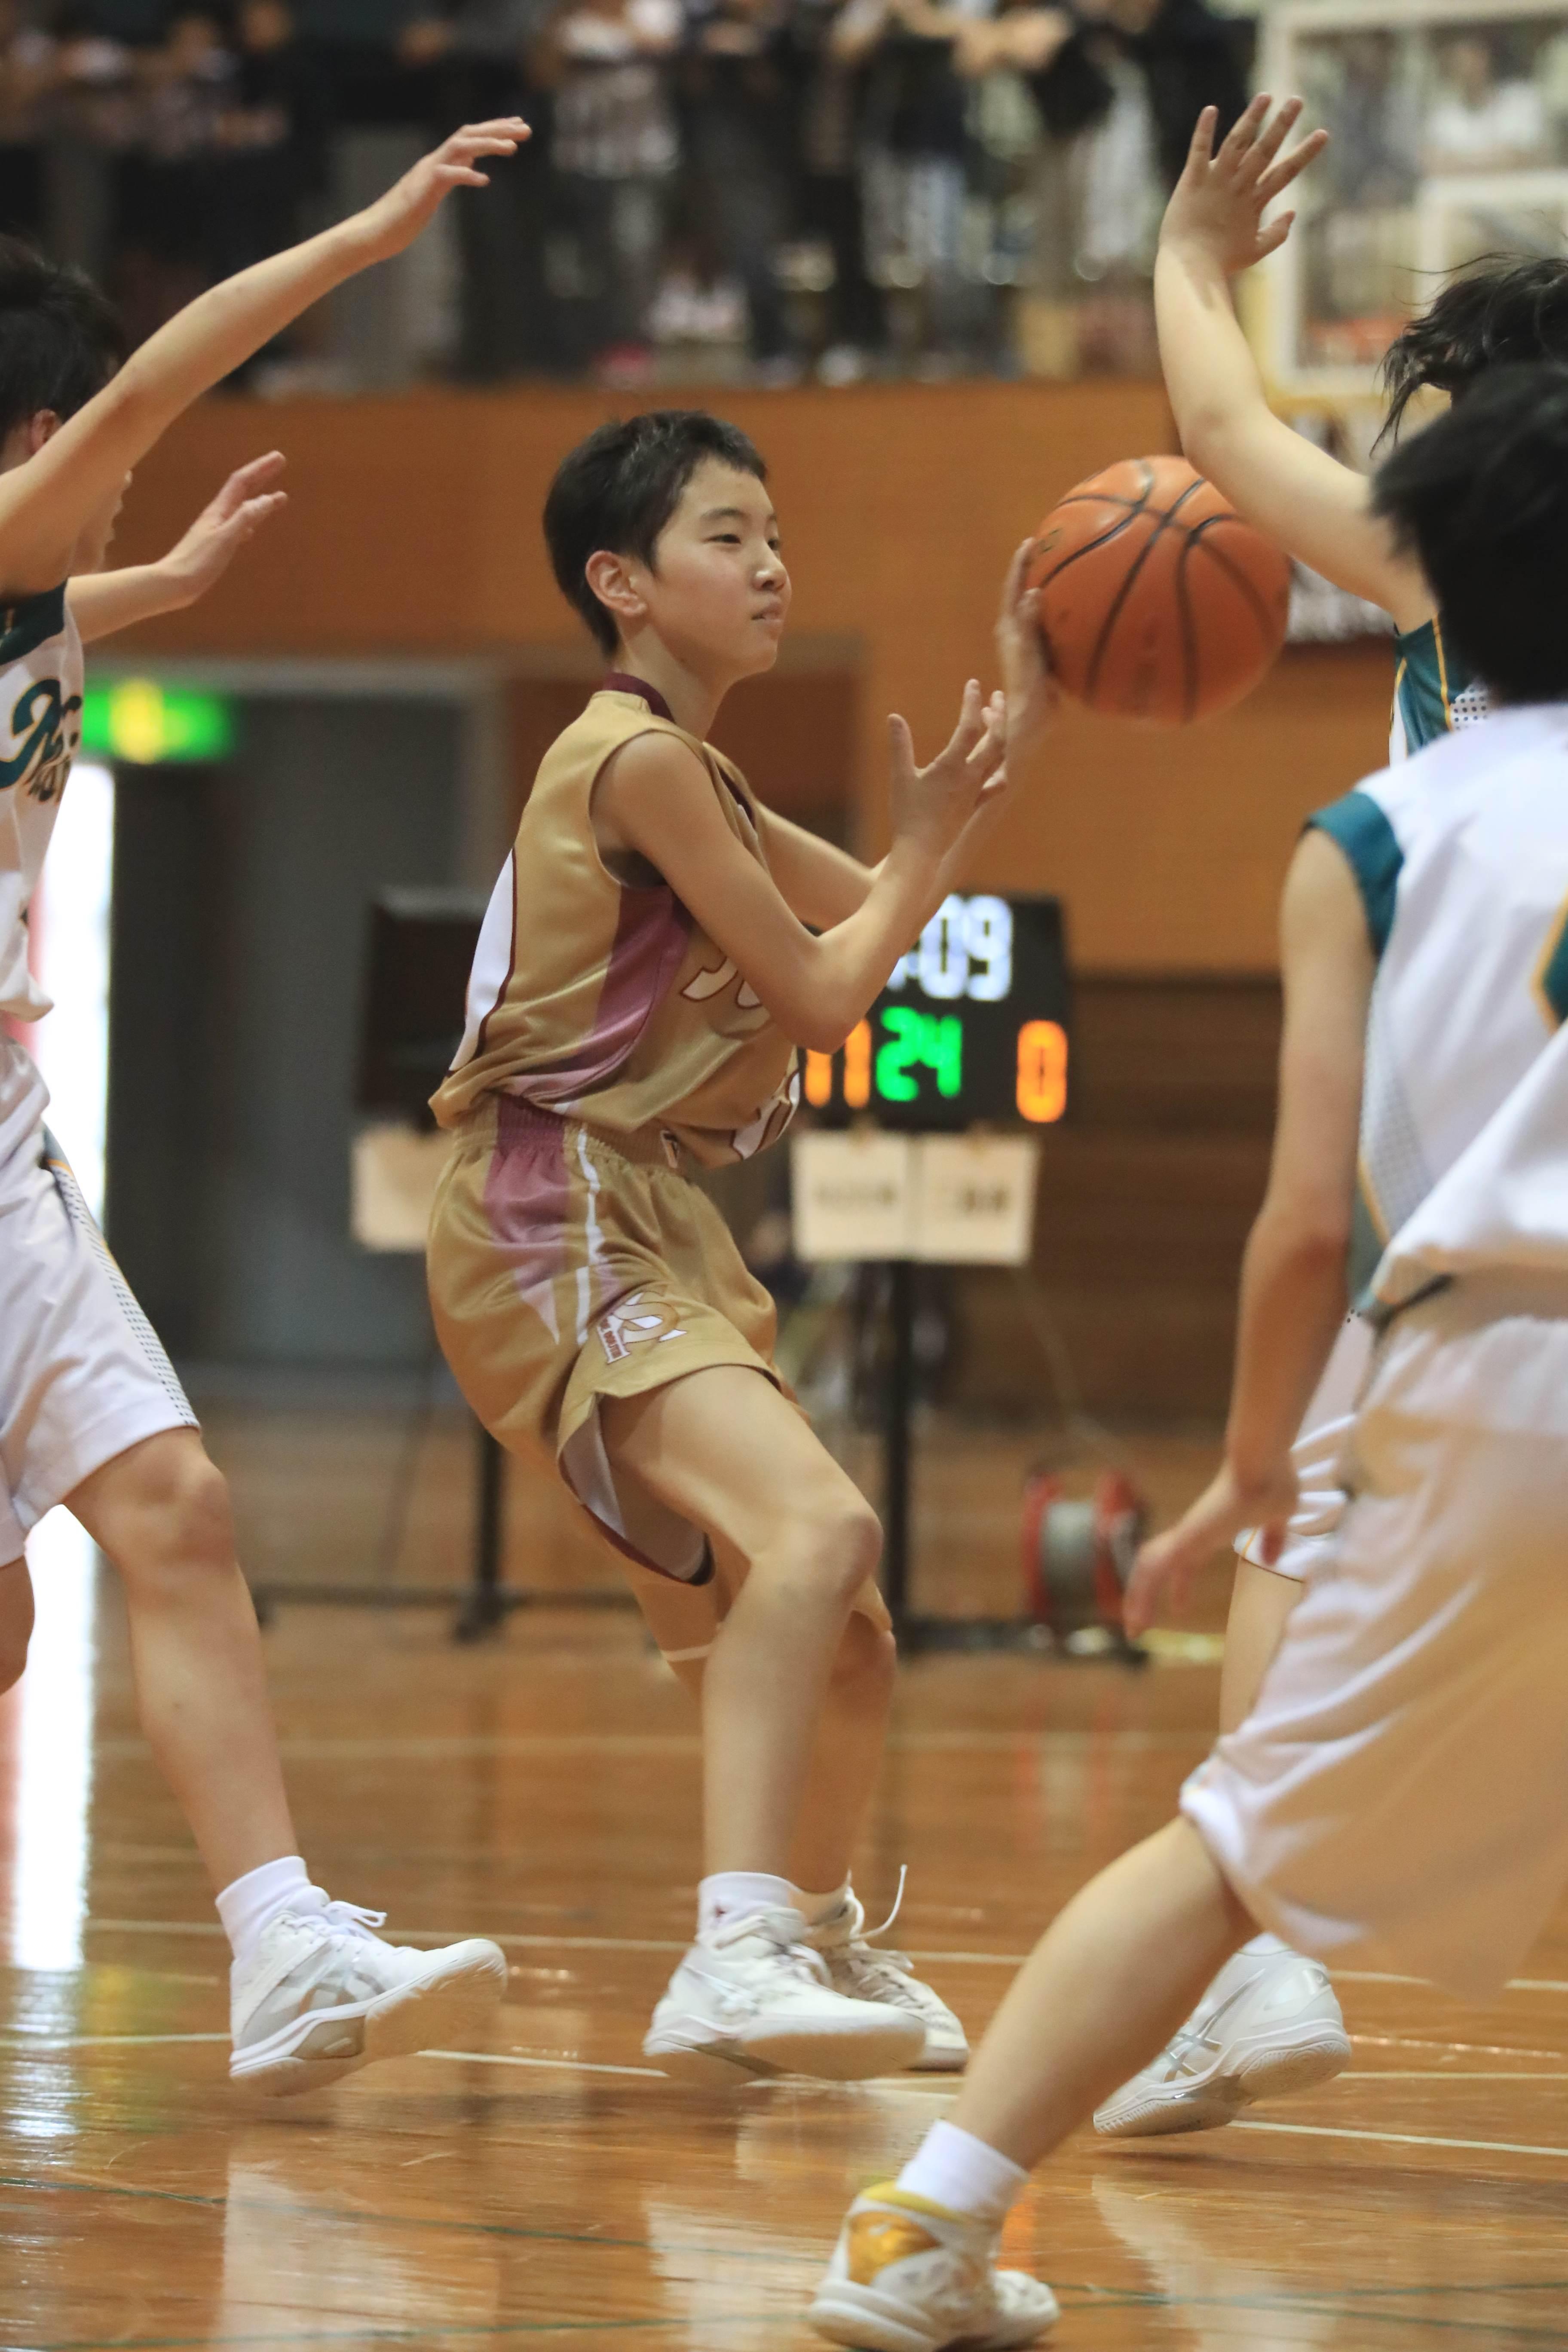 バスケットボール (134)